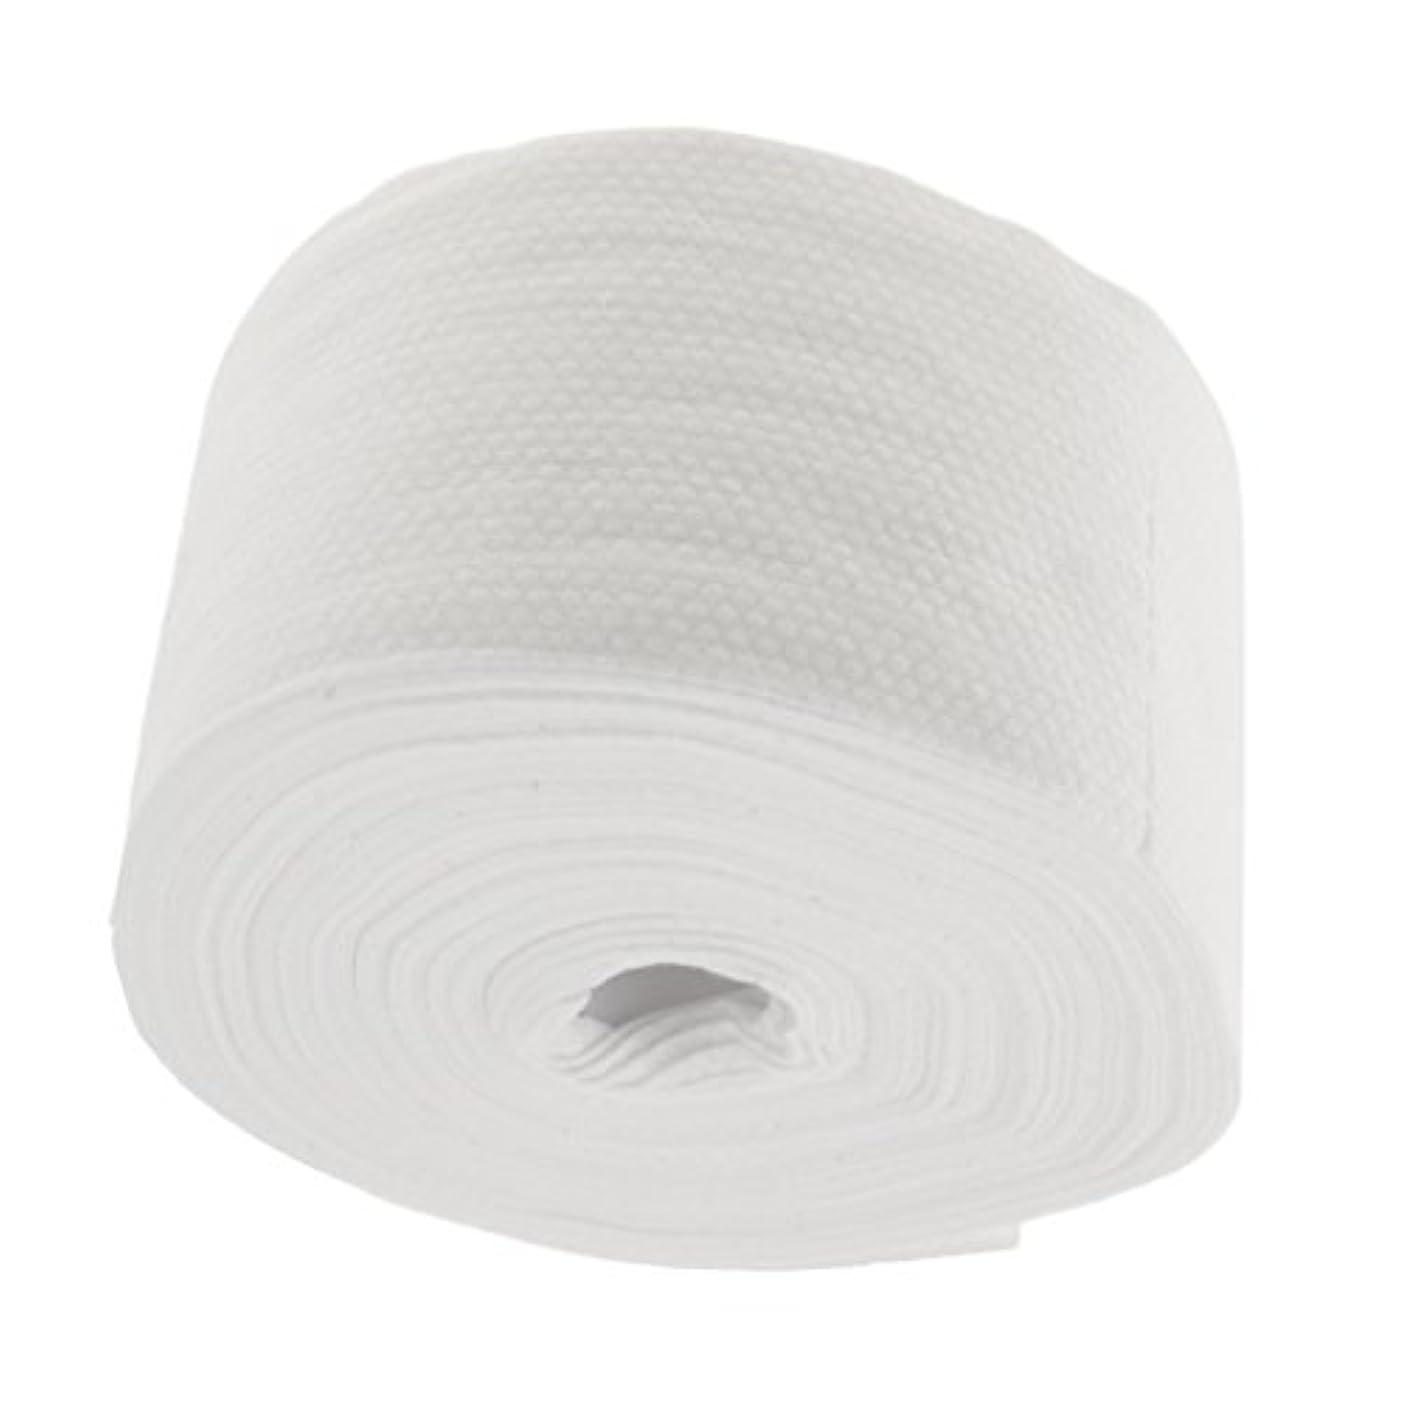 丈夫確率おSharplace ロール式 使い捨て 洗顔タオル 使い捨てタオル 30M コットン 繊維 メイクリムーバー 快適 - #2